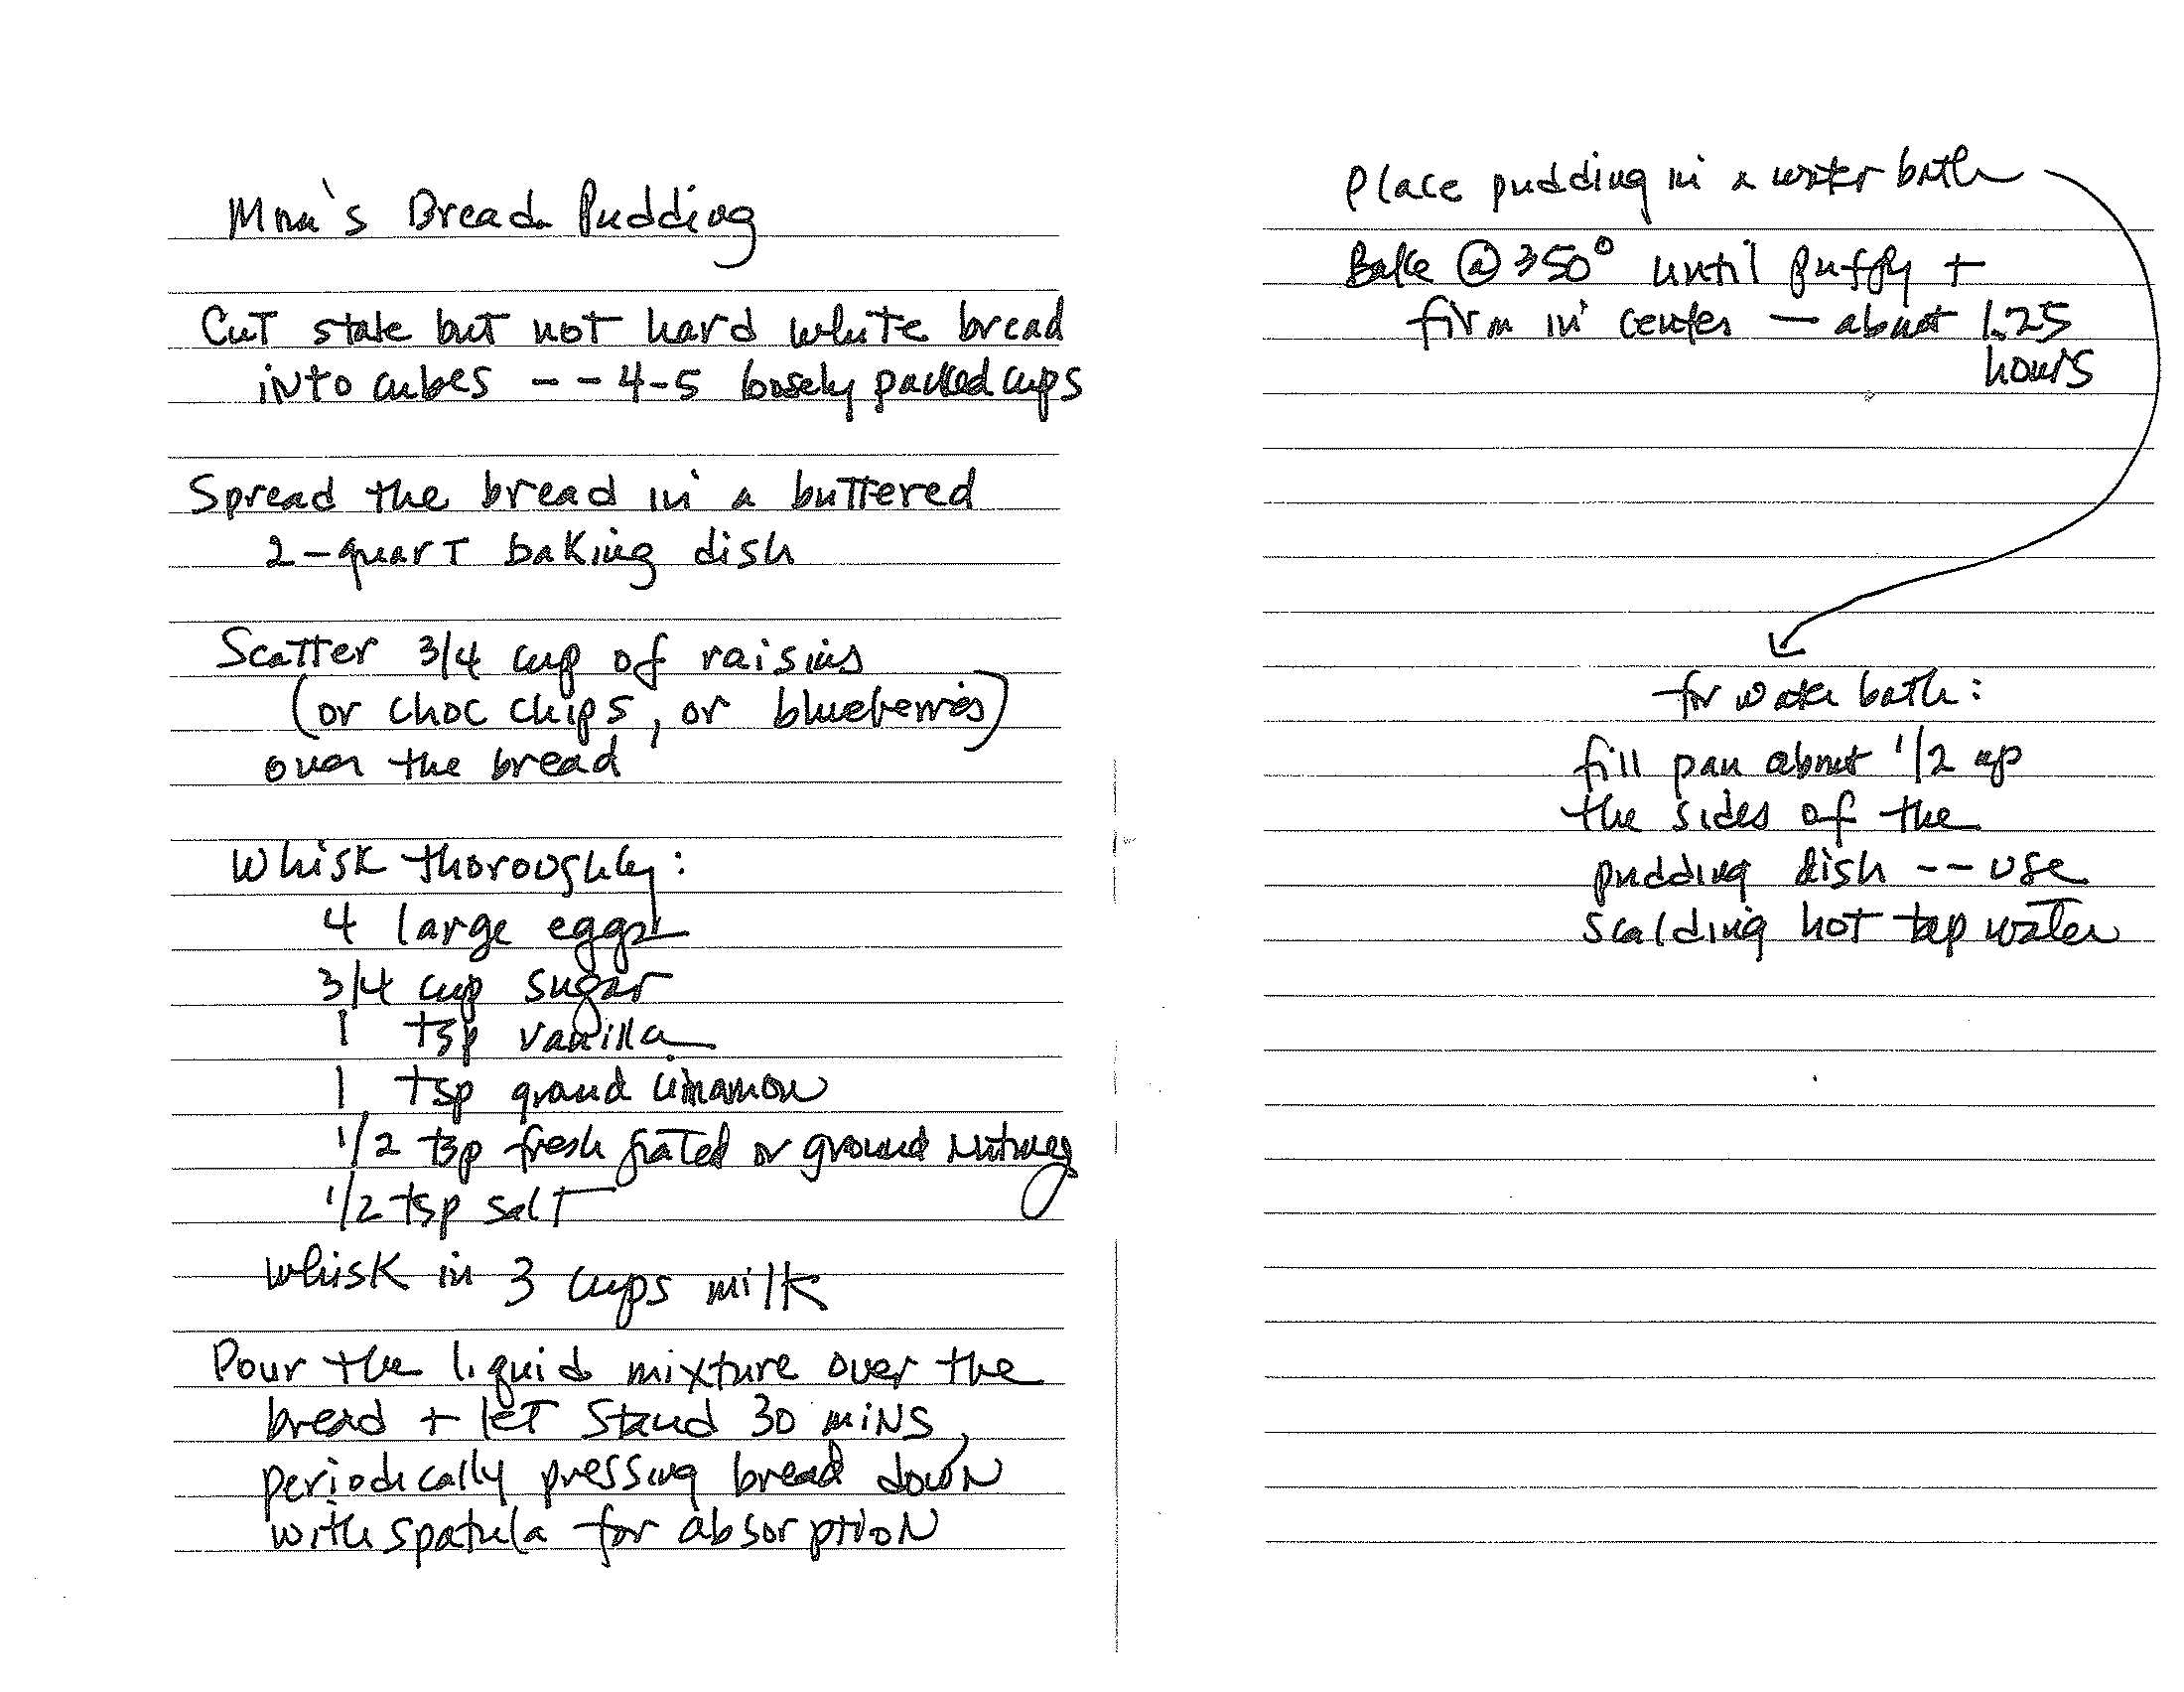 Moms Bread Pudding.jpg